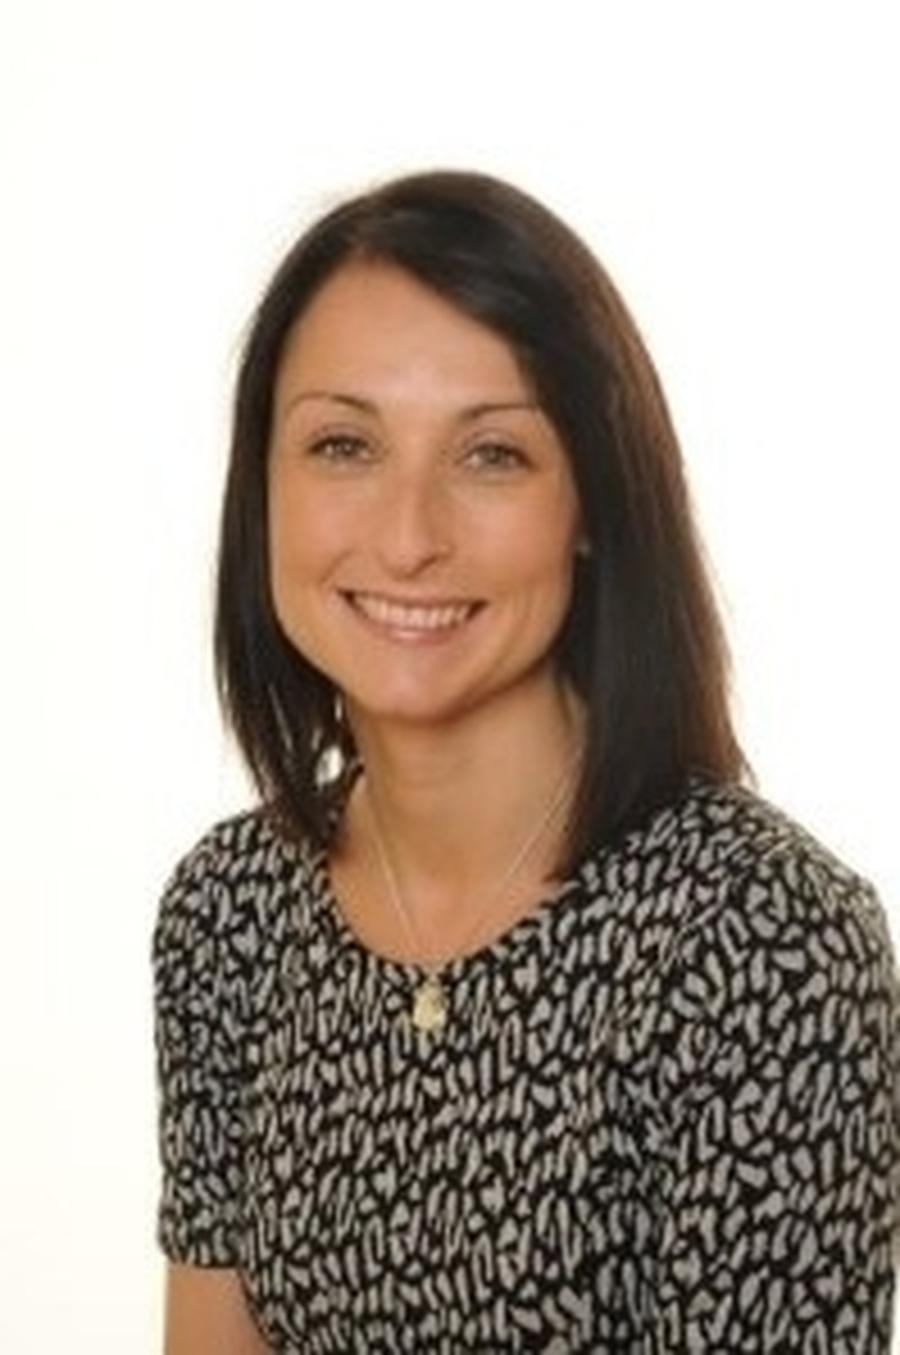 Mrs Kelly Foxton, SENCO